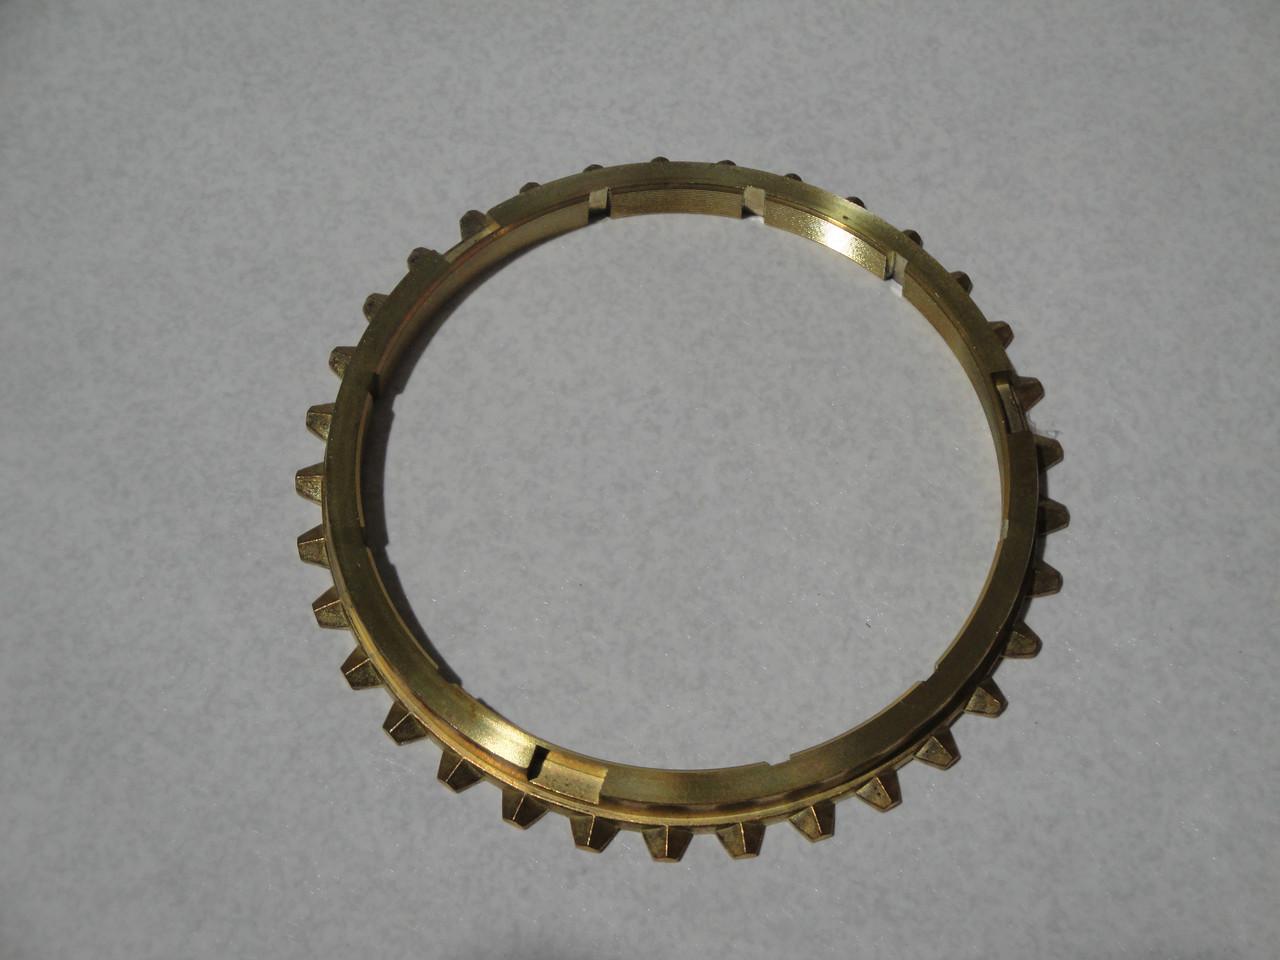 Кольцо синхронизатора БОГДАН A091 1 передачи МХА5R (8941319141/8970617520 ) JAPACO